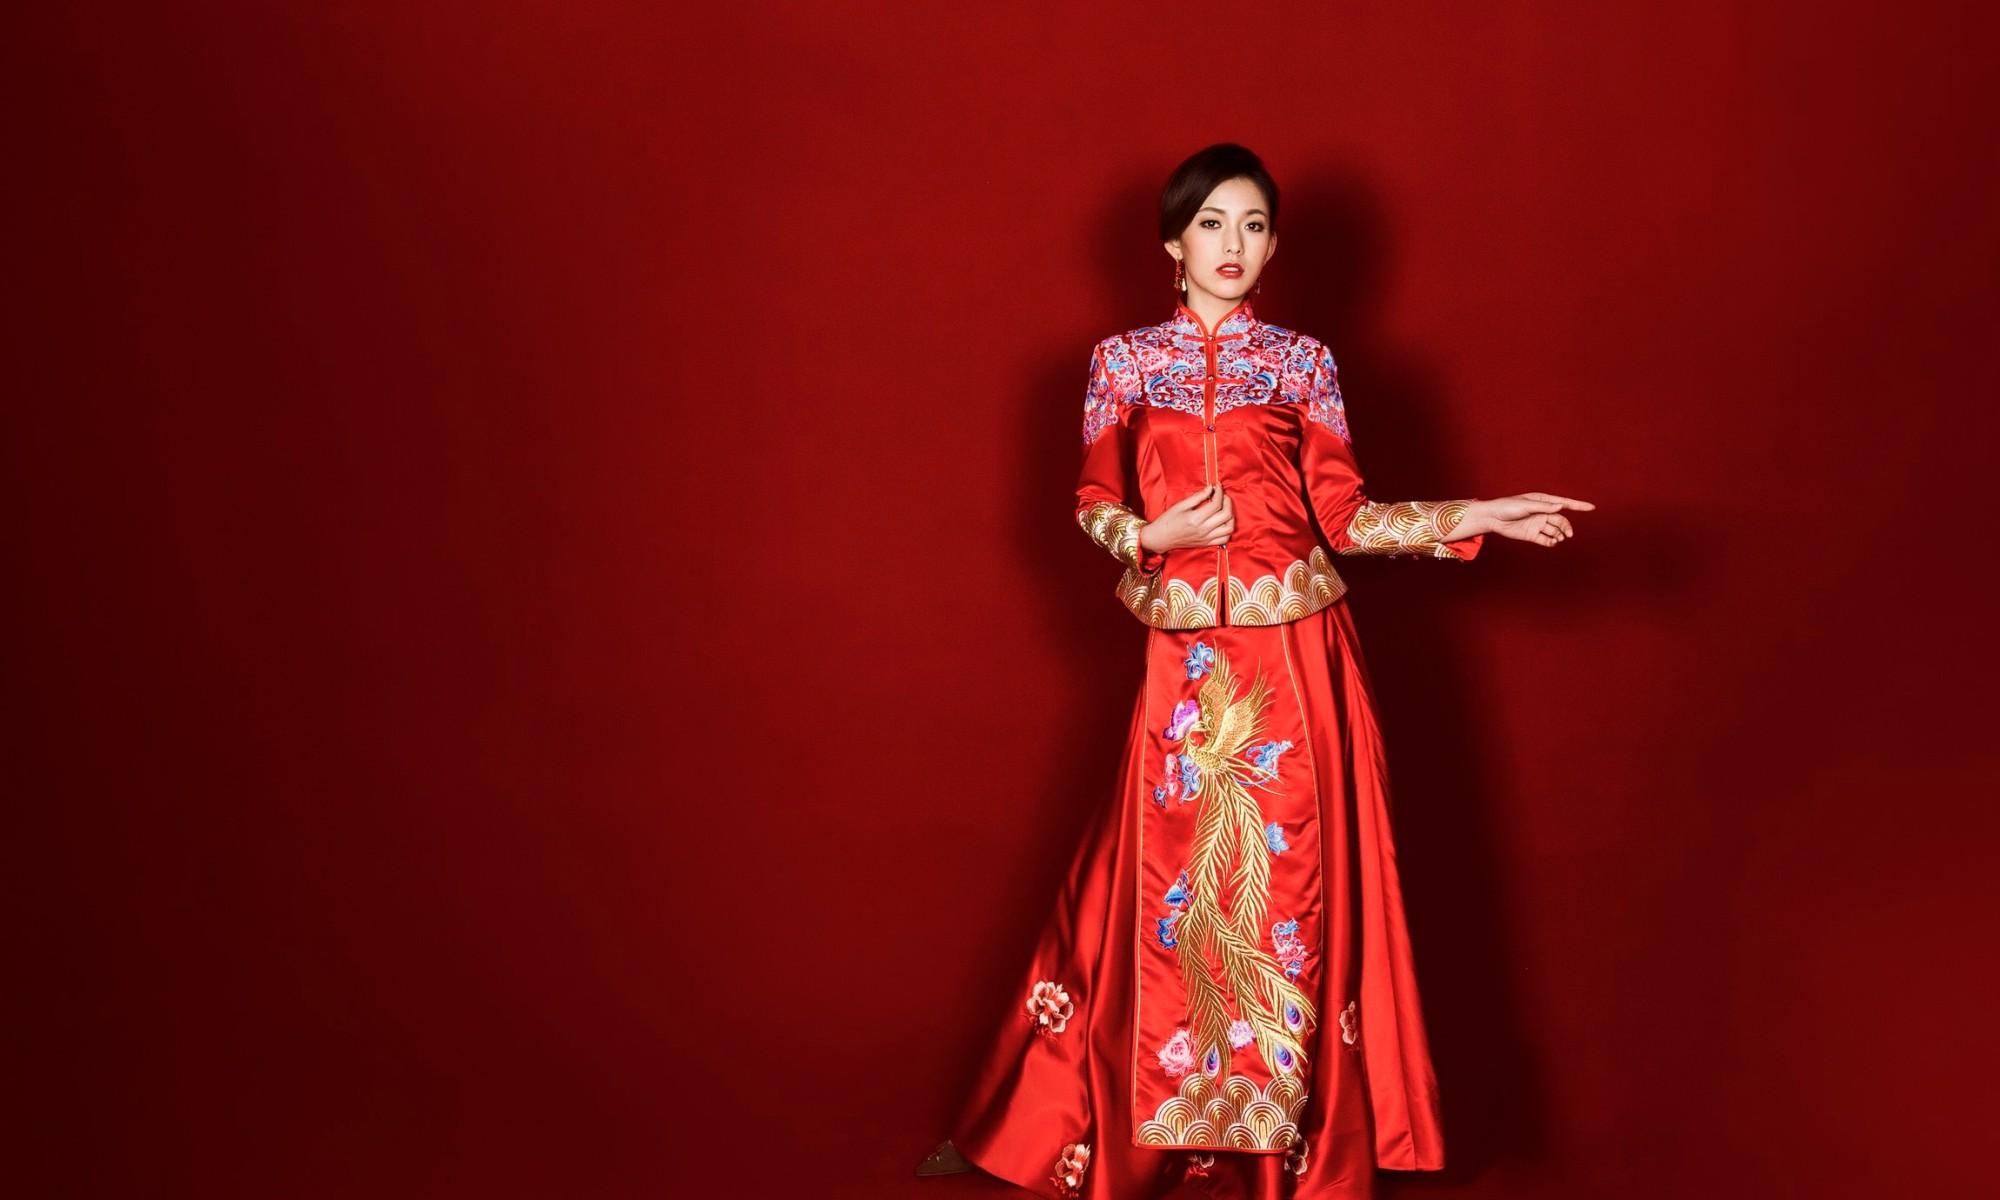 中式龍鳳褂,中式婚紗,中式婚紗推薦,龍鳳褂推薦,中式禮服出租,中式婚紗訂製,秀禾服出租,龍鳳褂款式,秀禾服,龍鳳褂